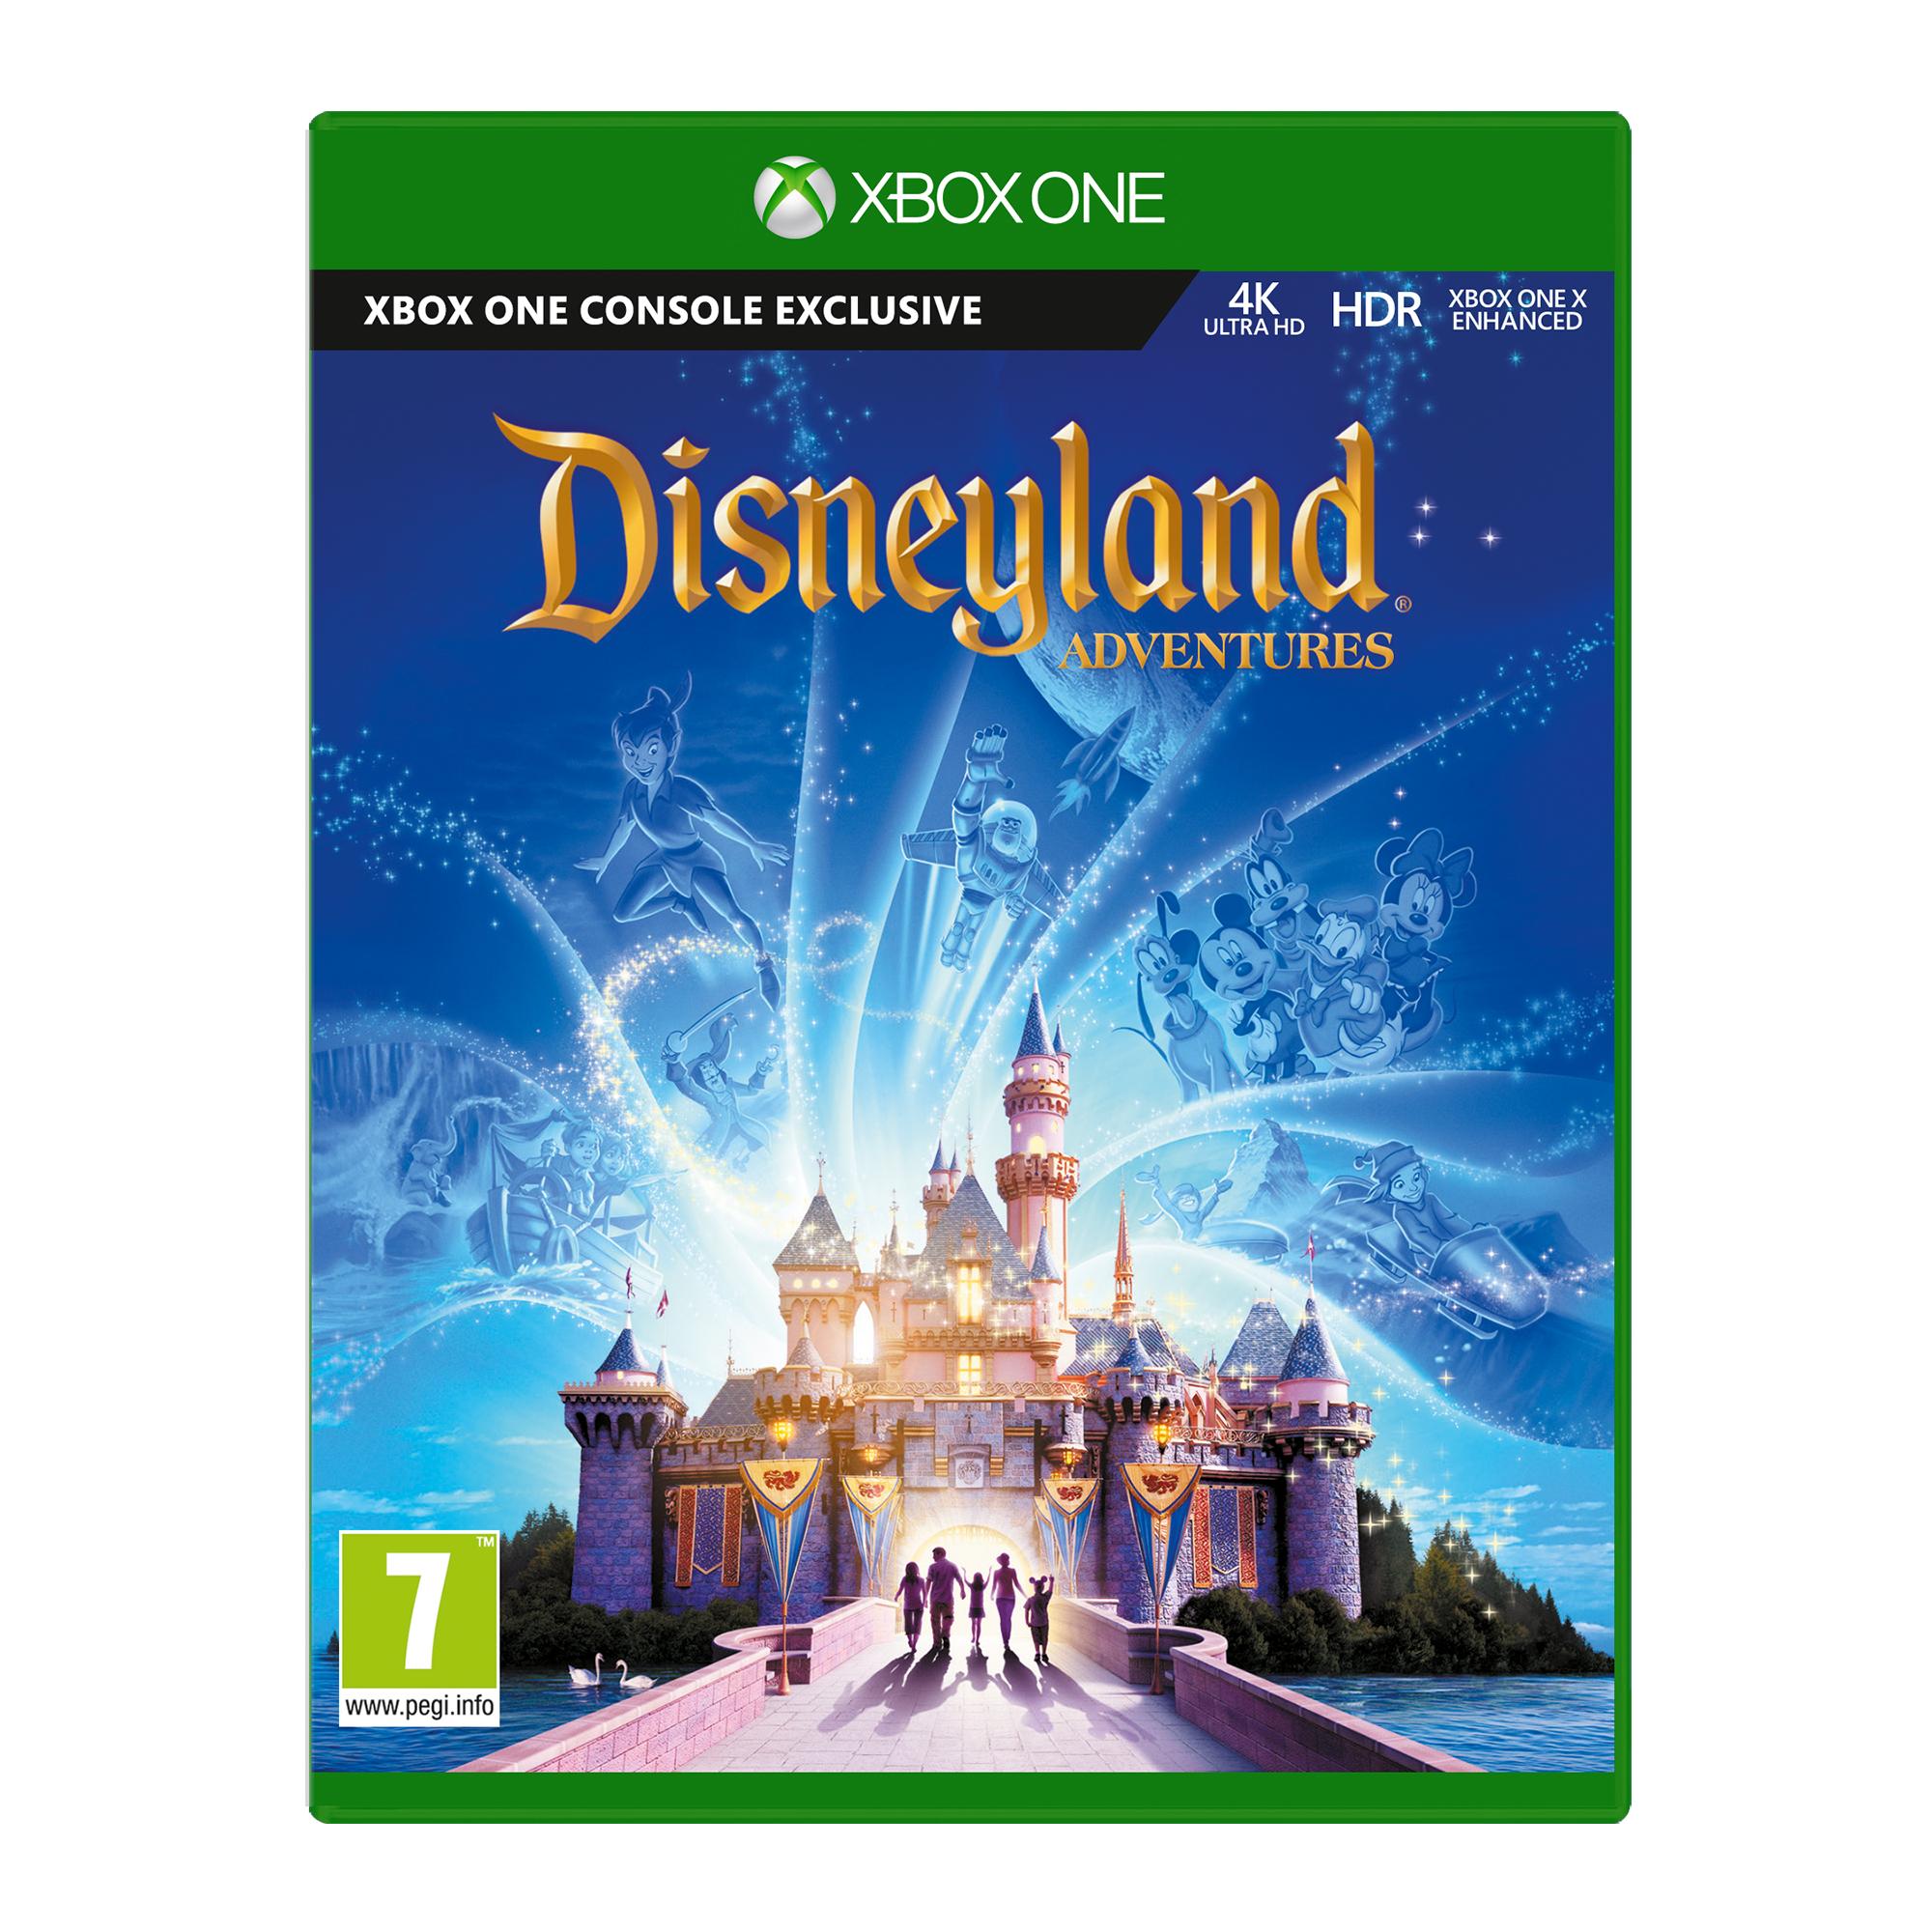 XBOX ONE - Disneyland Adventures - GXN-00020